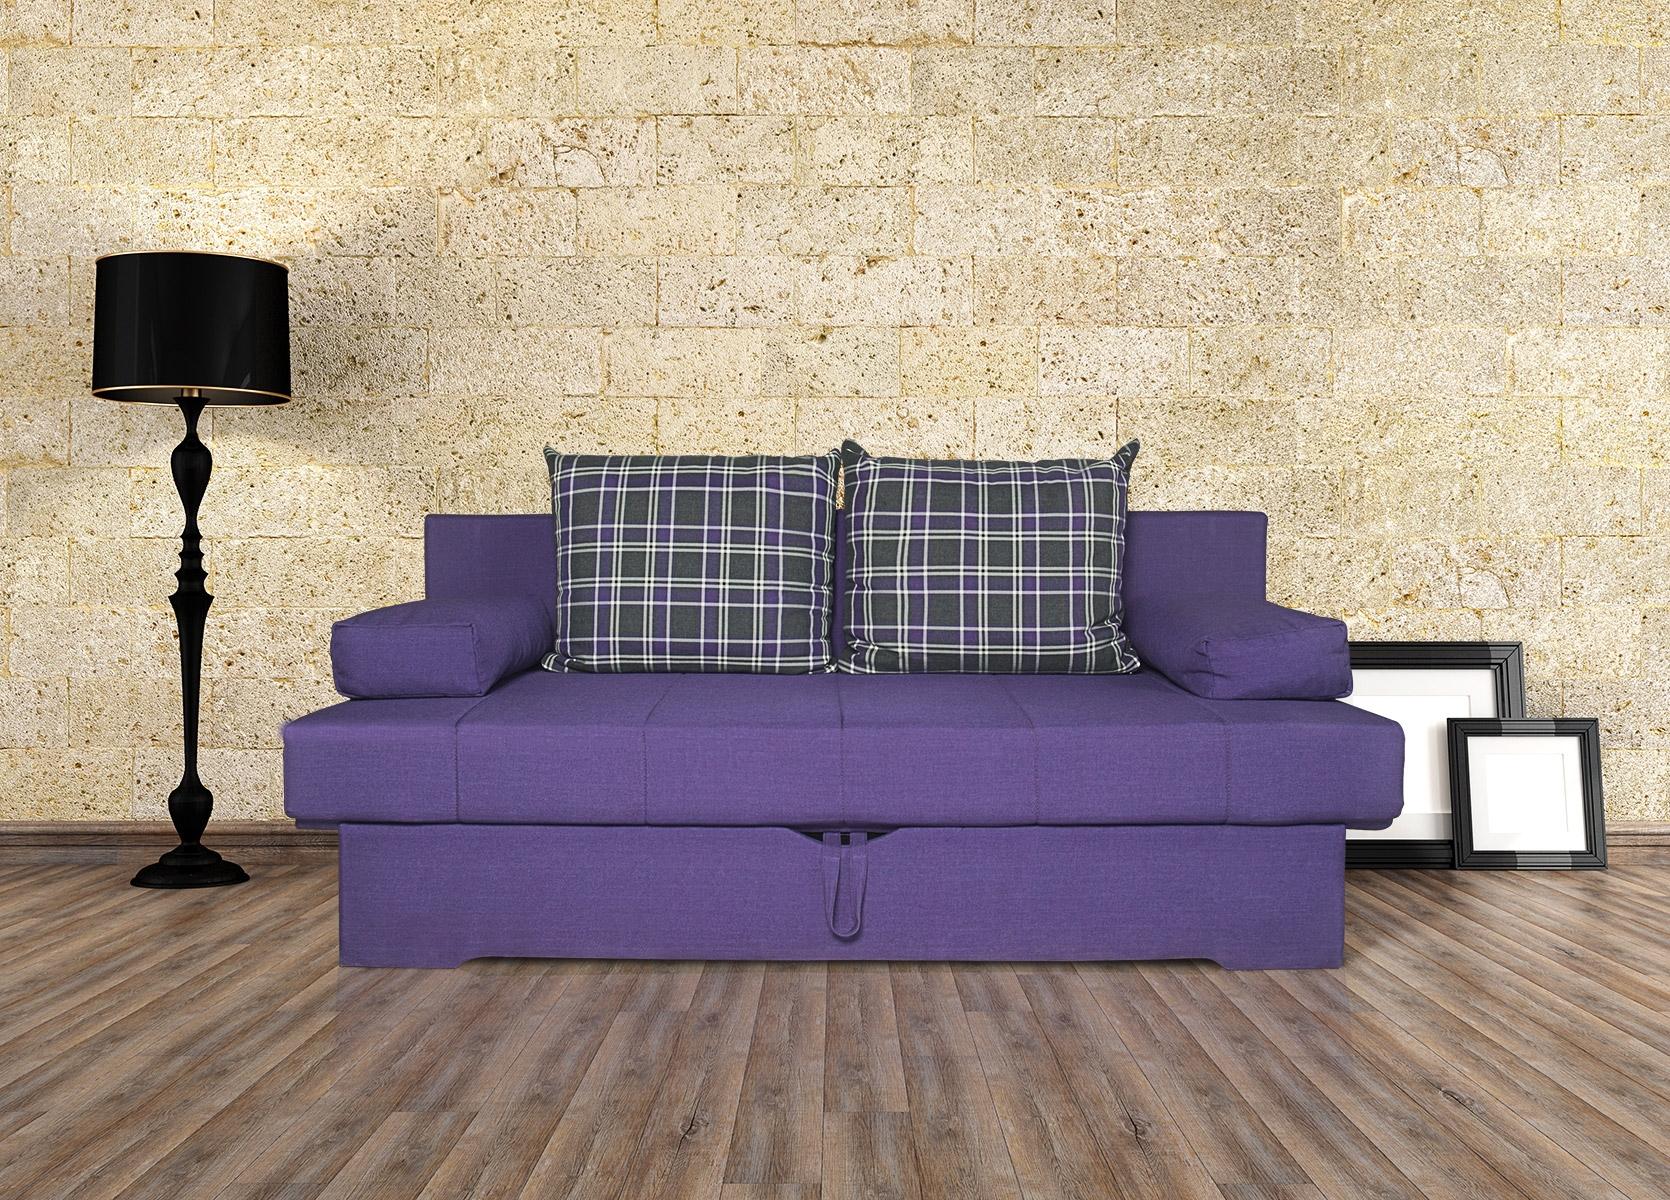 Kauč Dortmund, 202x91x105 cm, 2599,67 kn, Prima namještaj